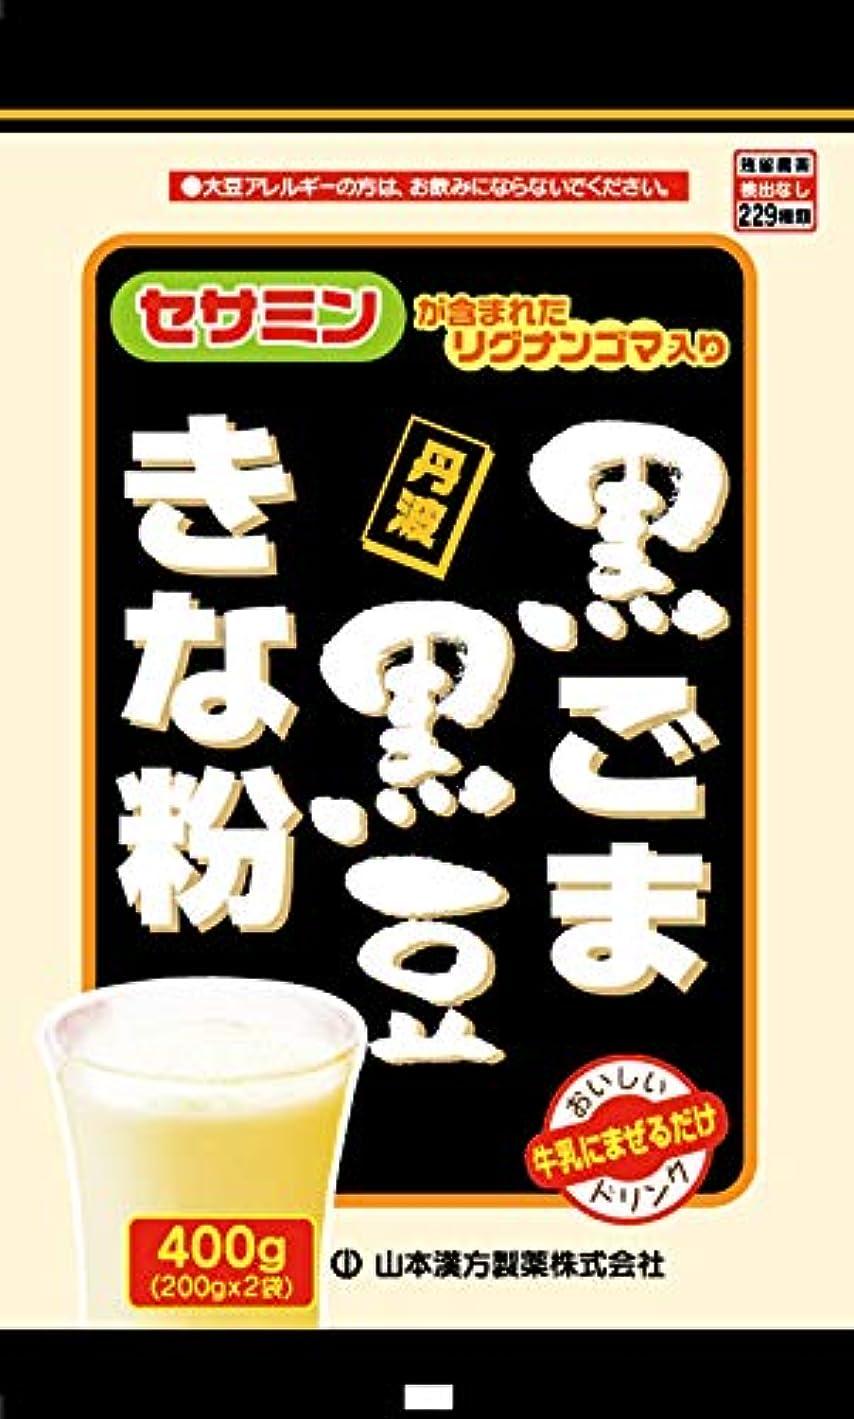 プレゼント義務ライバル山本漢方製薬 黒ごま黒豆きな粉400g 400g